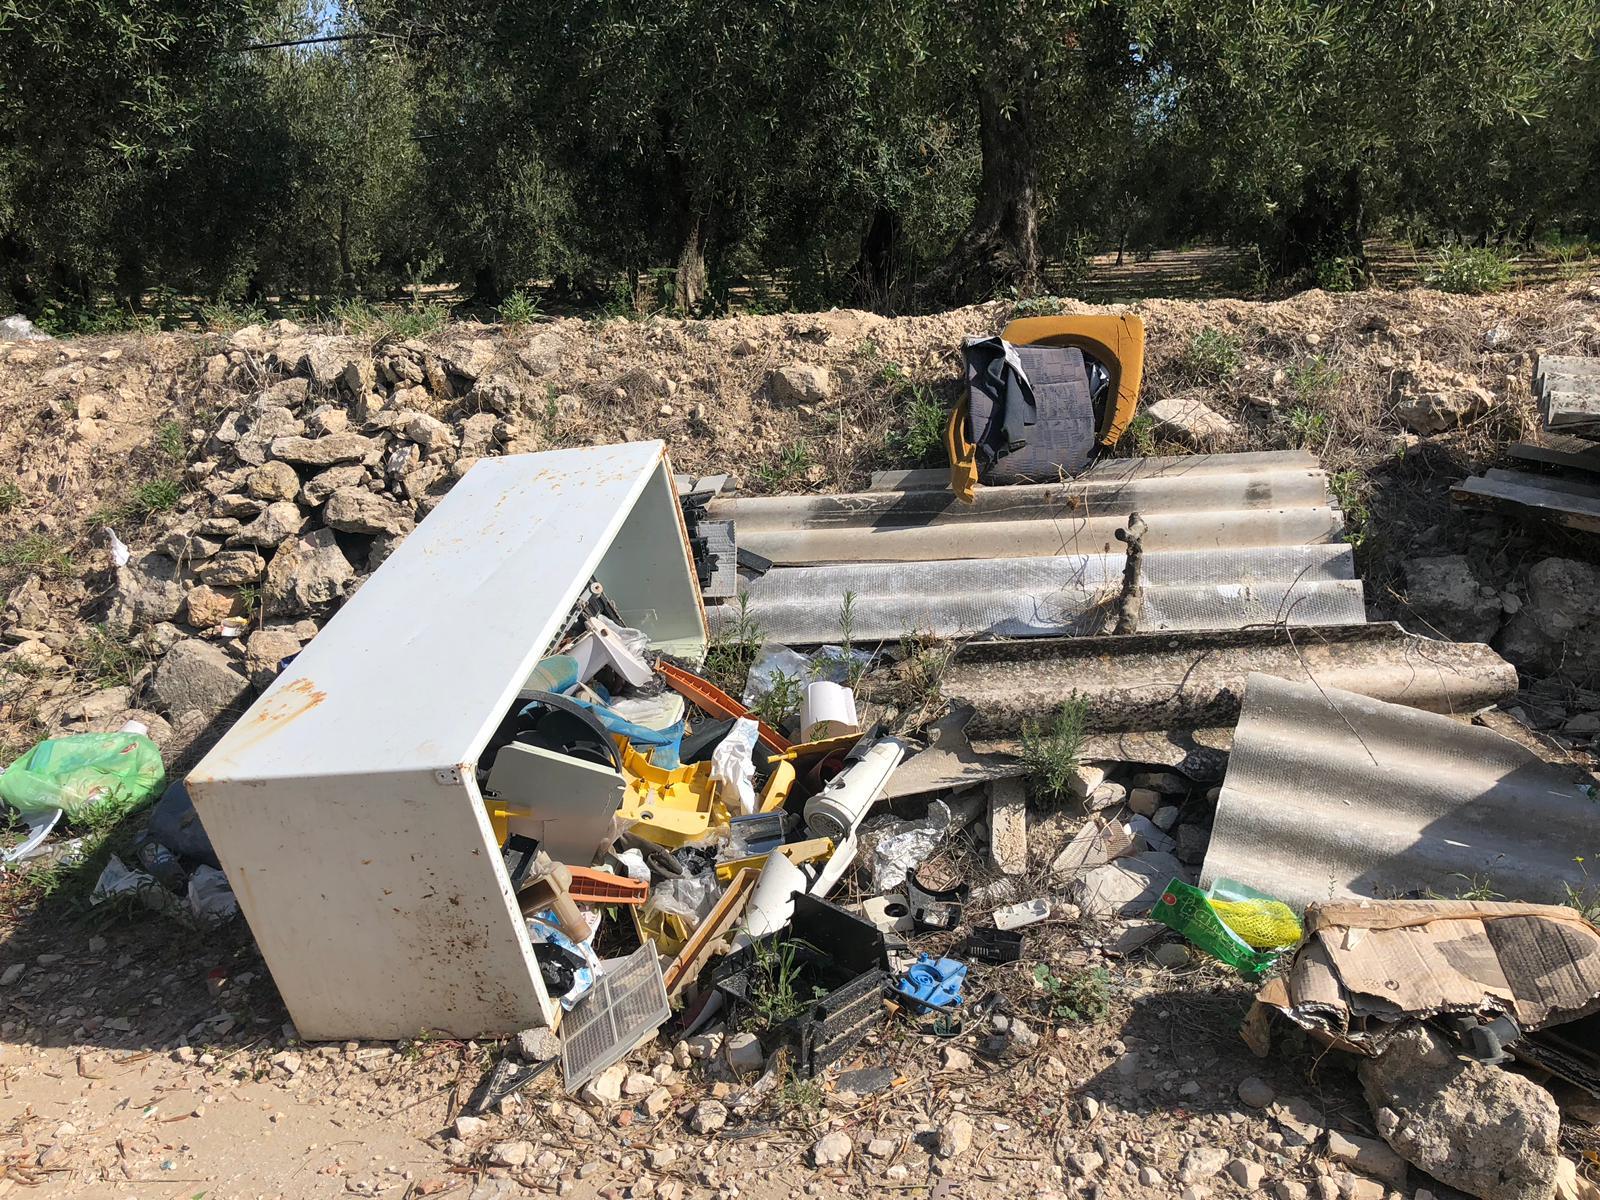 Abbandono rifiuti sul terreno di proprietà: chi ne risponde?